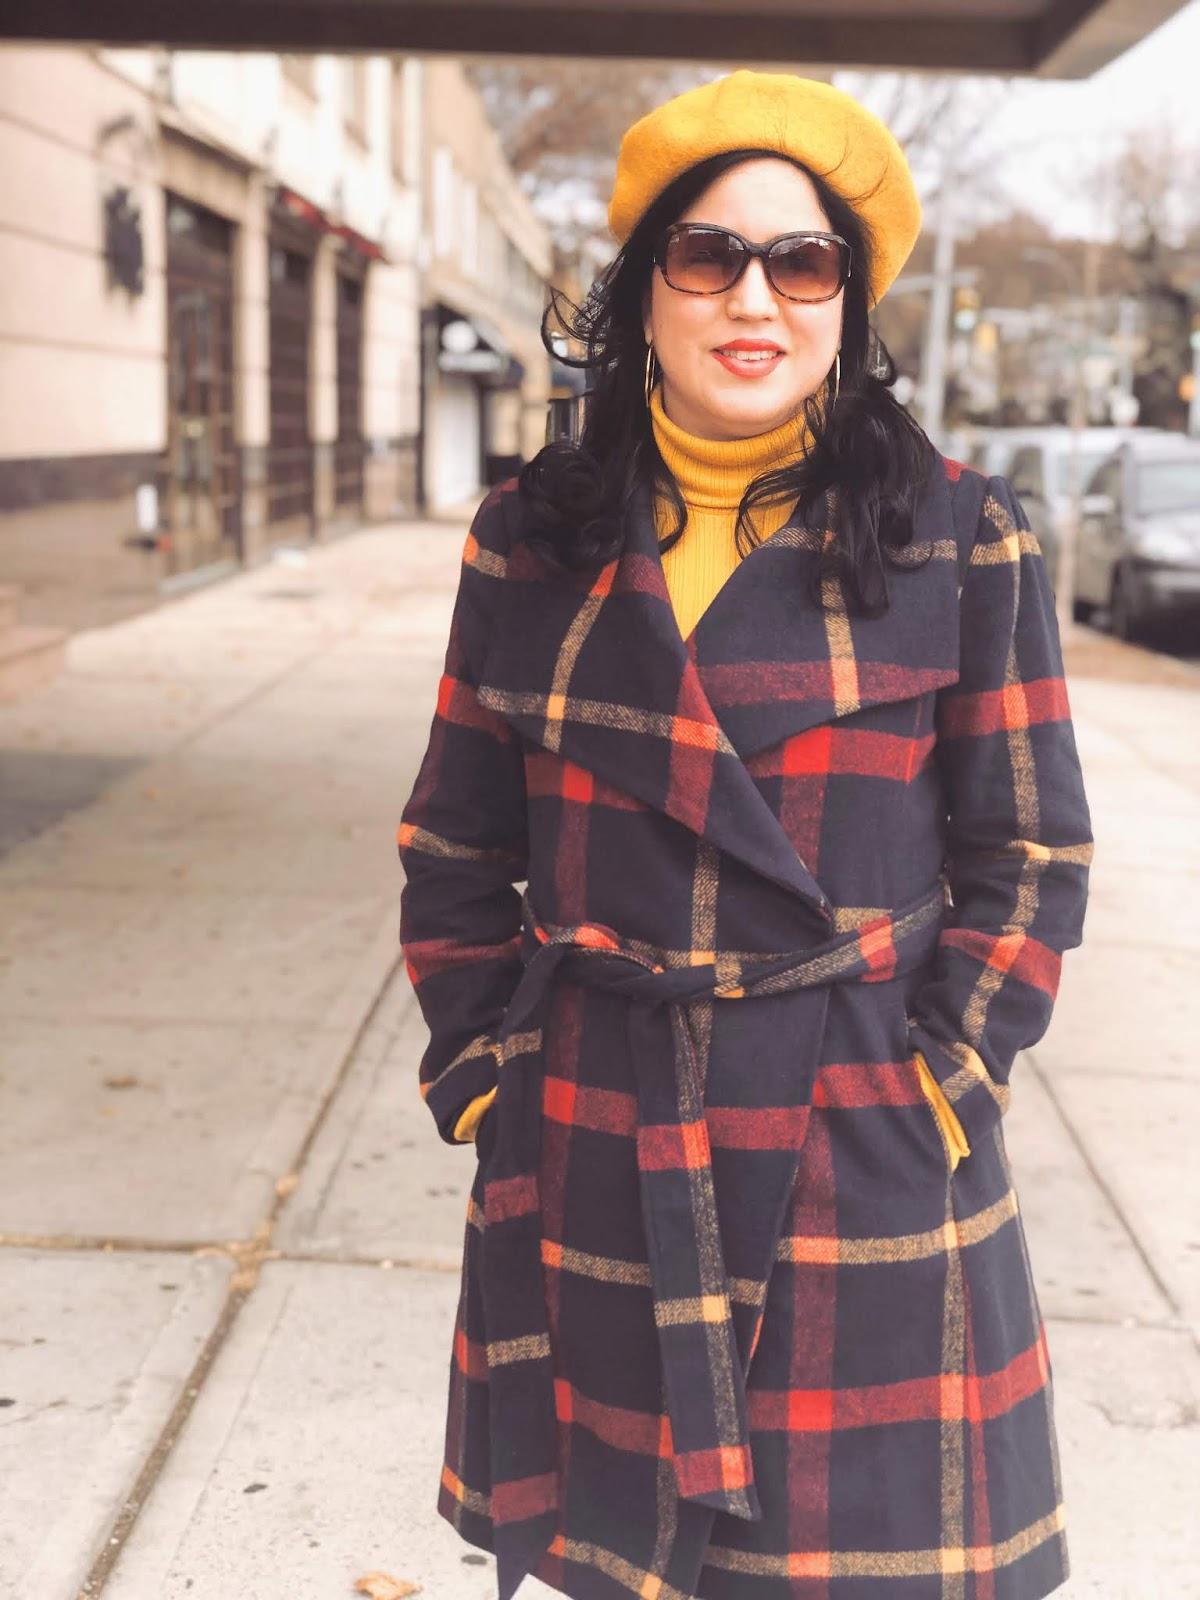 A Vintage Nerd, Vintage Blogger, Vintage Blog, Retro Blogger, Retro Blog, Retro Inspired Fashion, Vintage Fashion Inspiration, Sixties Fashion Inspiration, Wearing a Beret, Mustard Beret, Plaid Coat, Modcloth Plaid Coat, Plus Size Fashion Inspiration, Retro Fashion